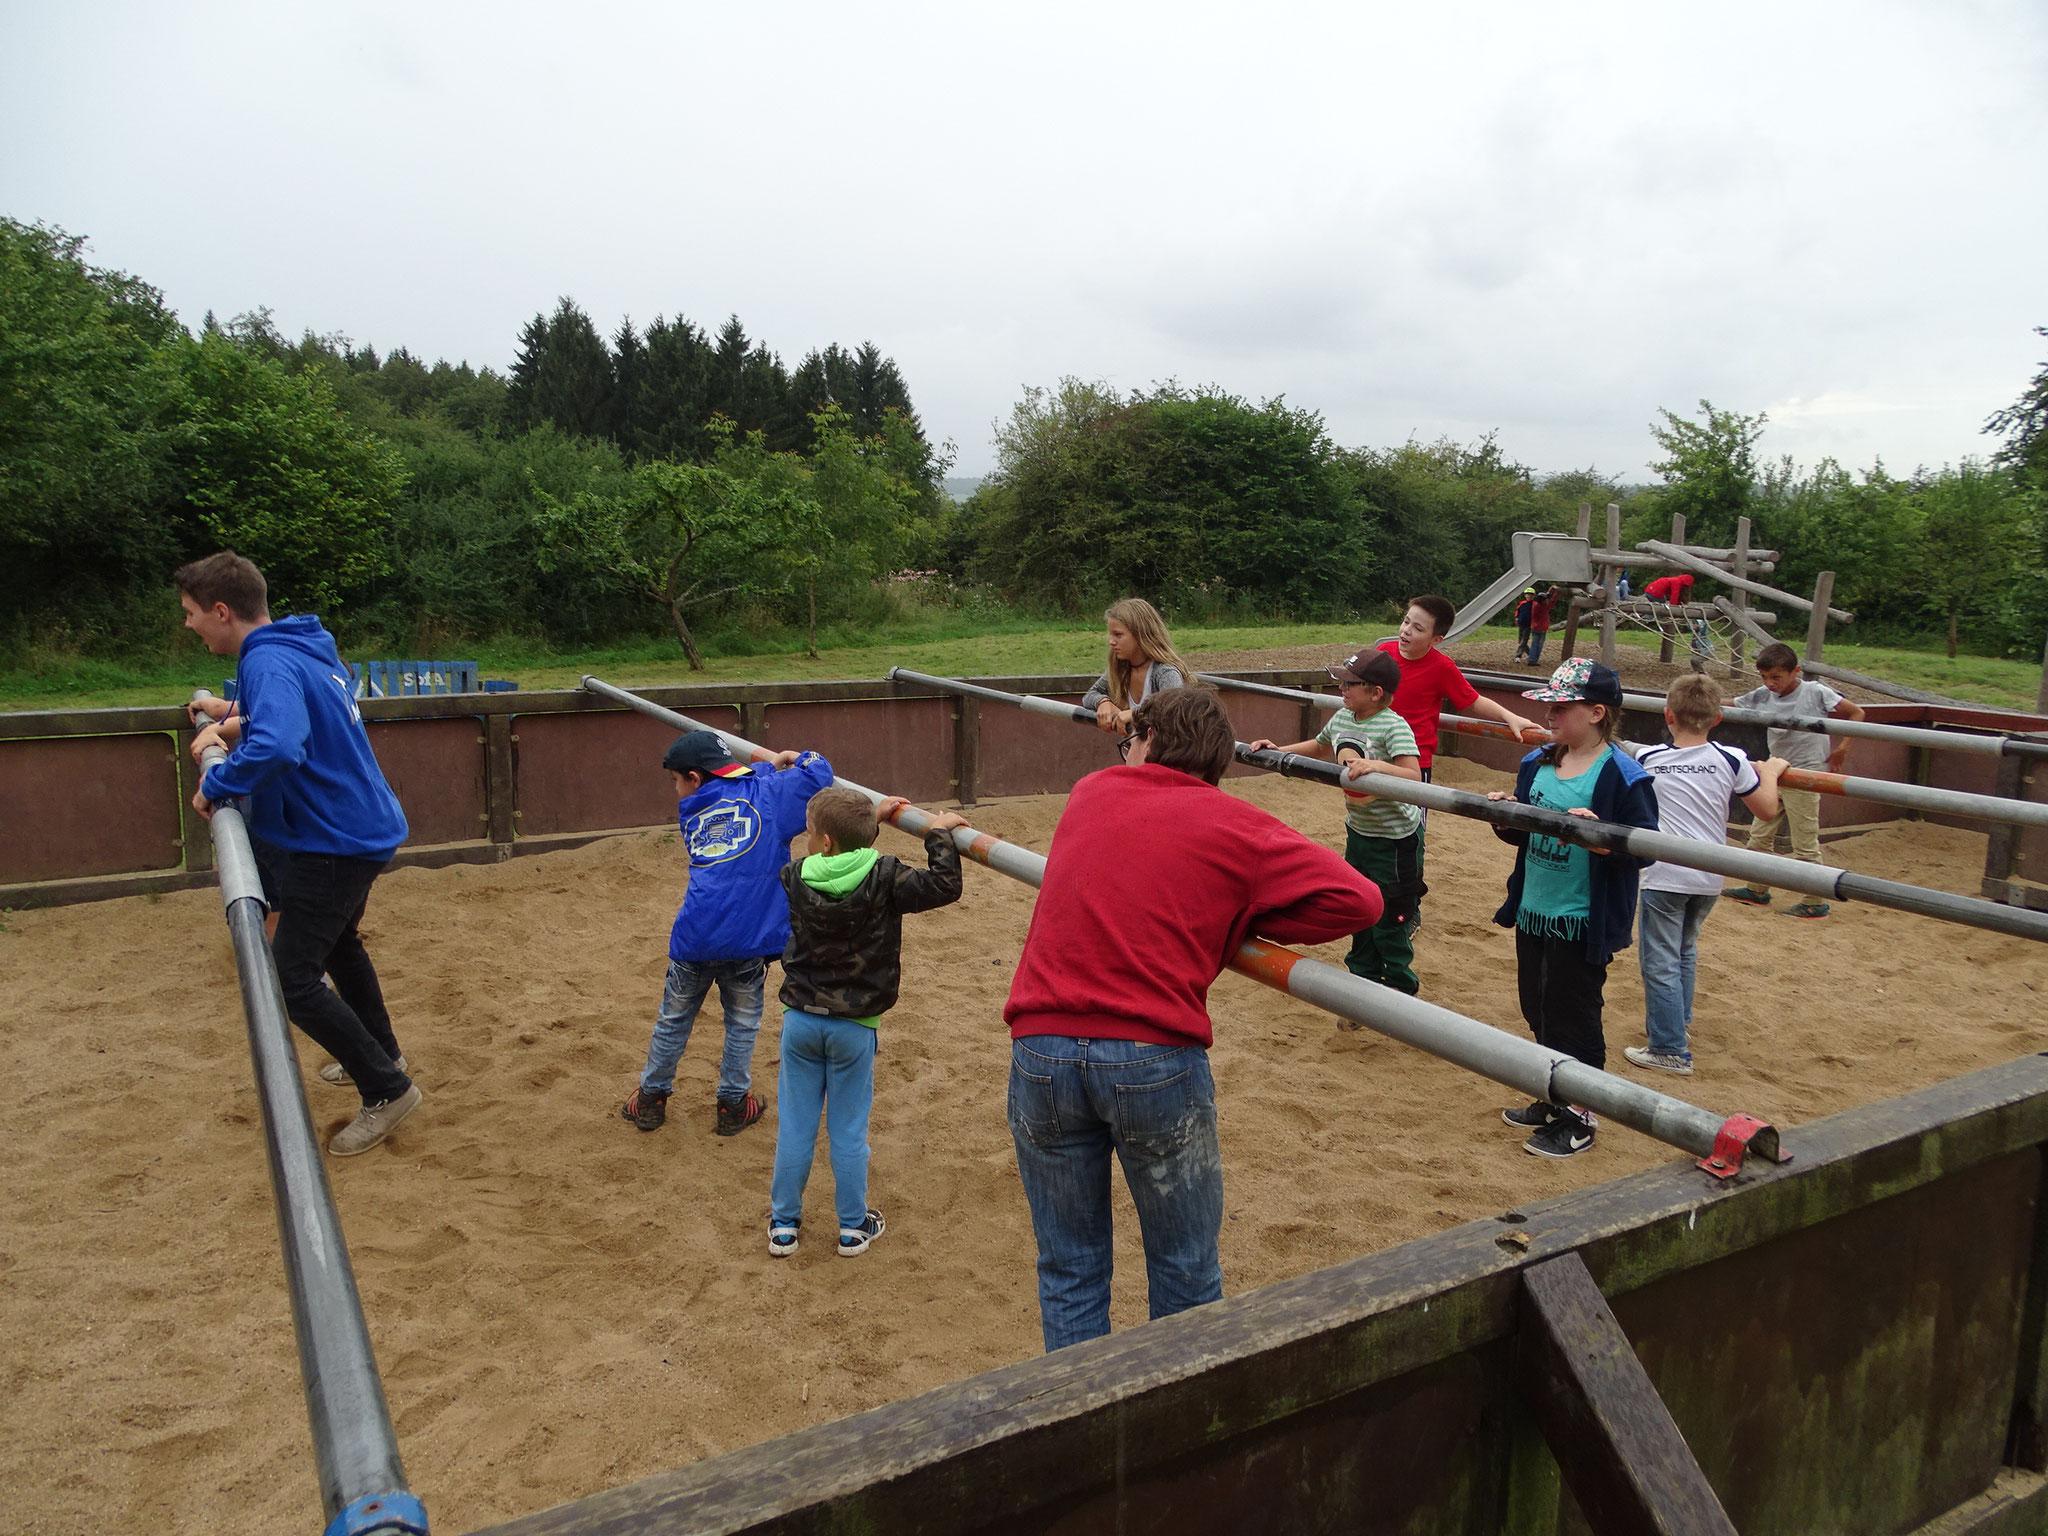 Der Spielplatz wurde rege genutzt.